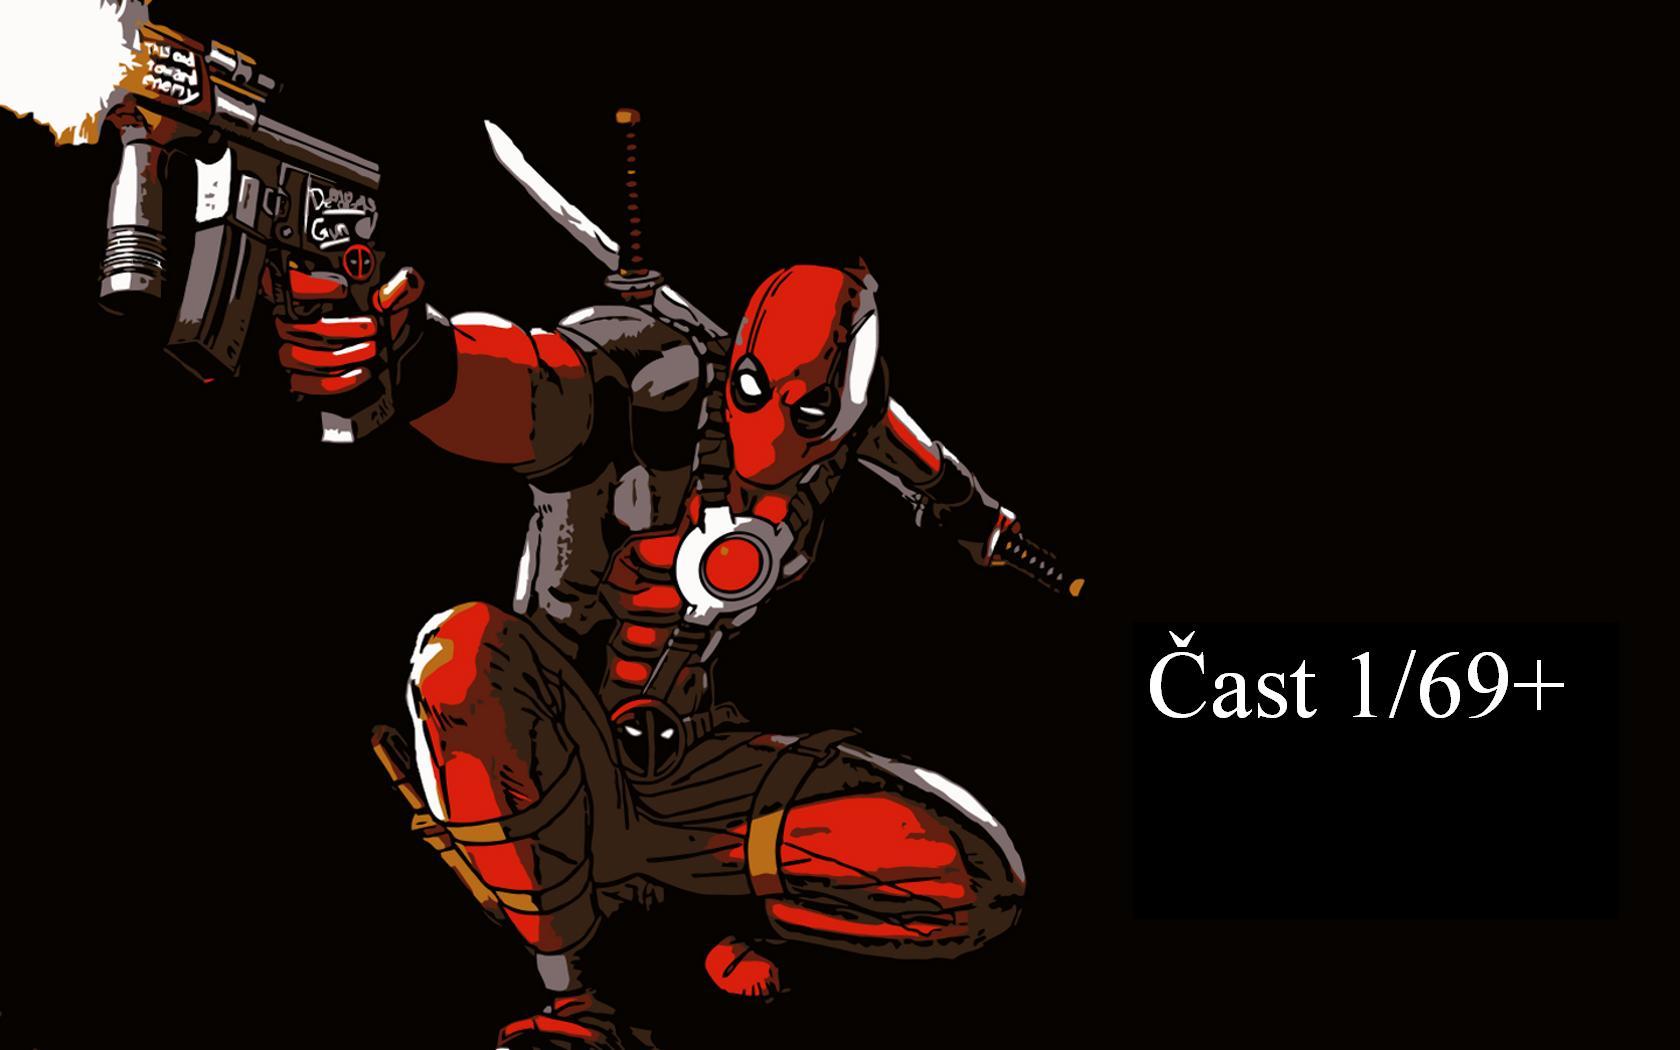 Deadpool comics časť 1/69+